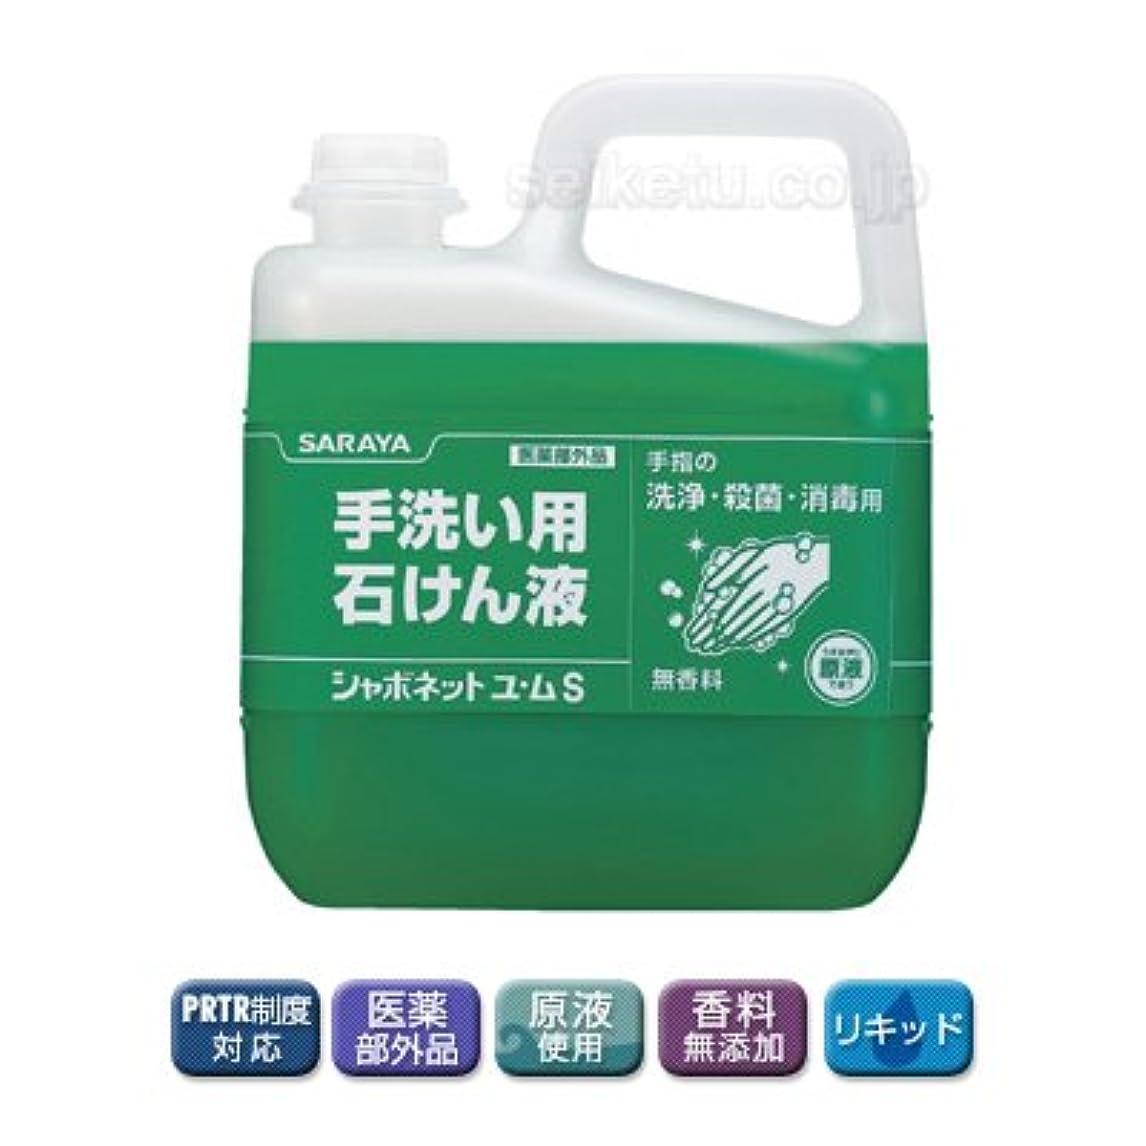 葬儀悪性の今日【清潔キレイ館】サラヤ シャボネット石鹸液ユ?ムS(5kg)